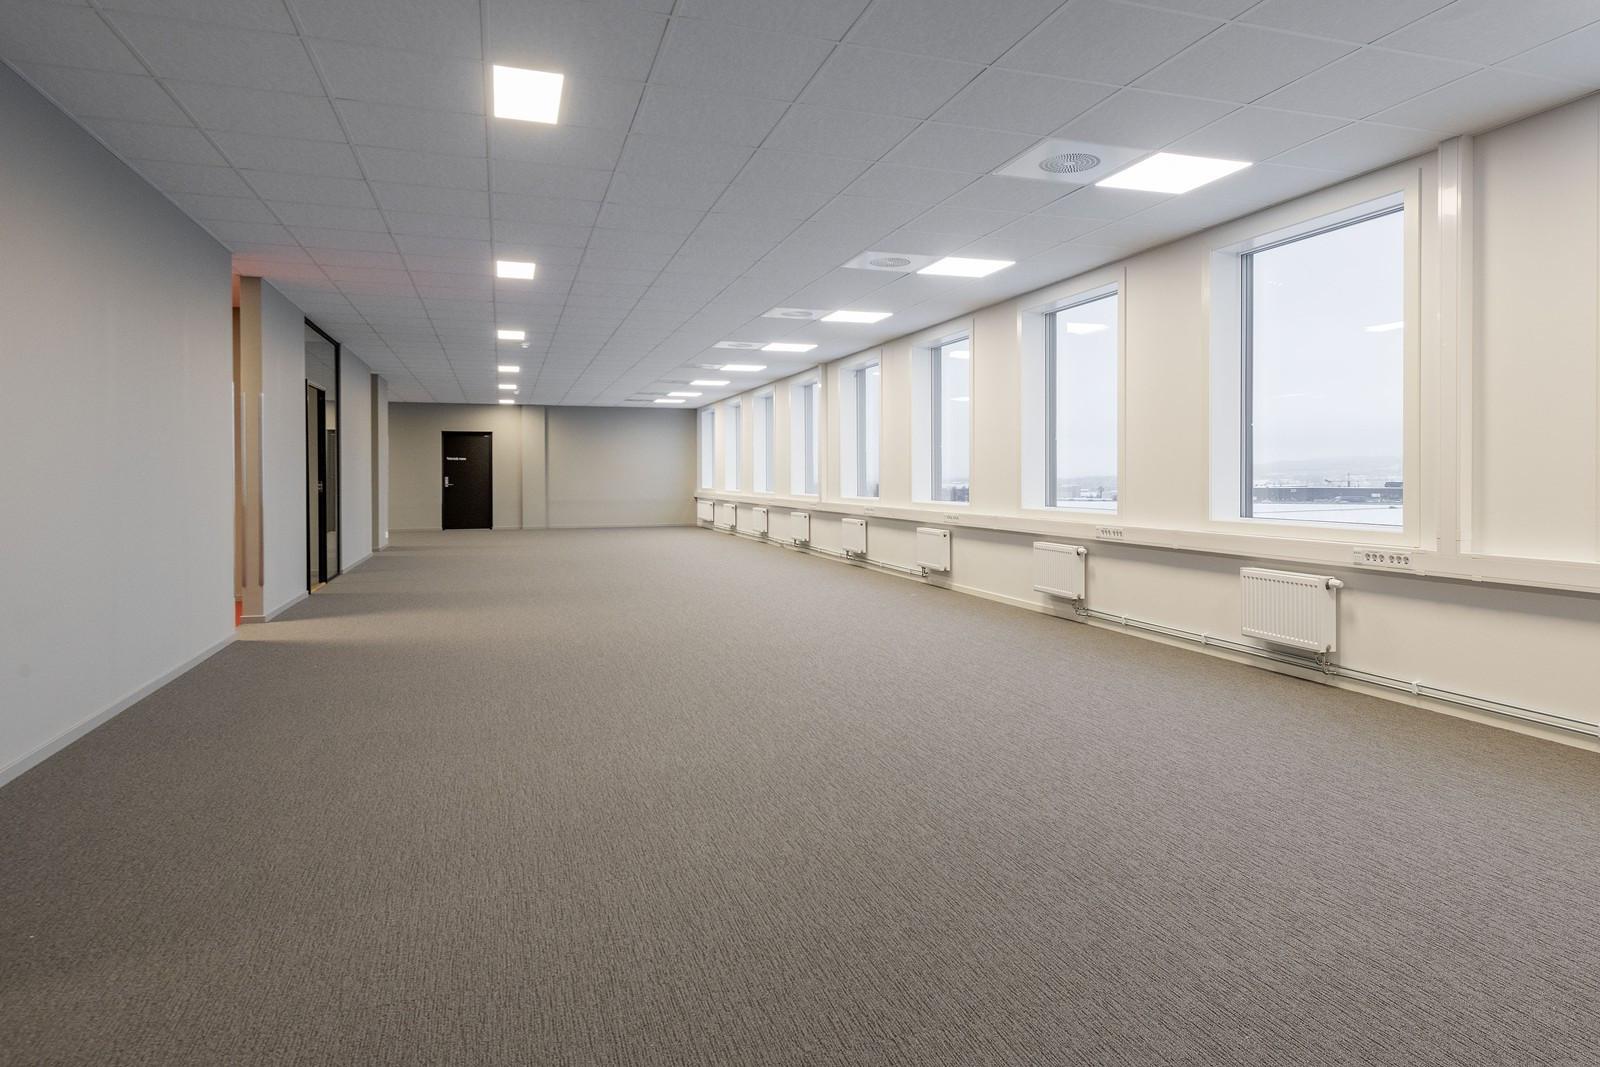 Ledig kontor 3. etasje - uinnredet areal